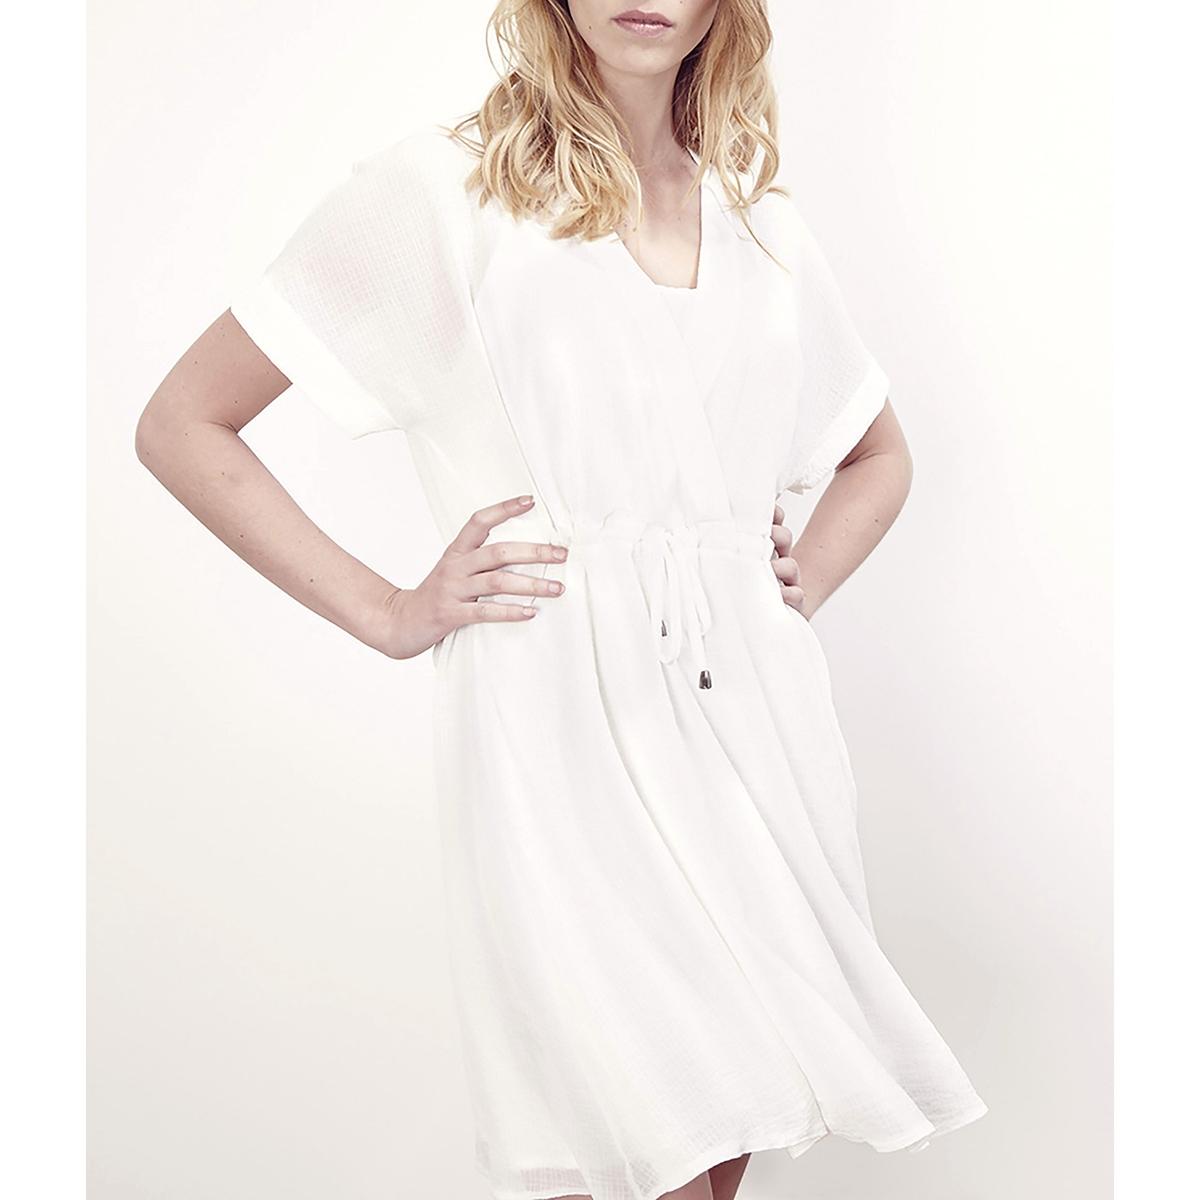 Платье с короткими рукавами RADIALСостав и детали     Материал: 100% полиэстера.     Марка    LENNY B.<br><br>Цвет: черный,экрю<br>Размер: 1(S)